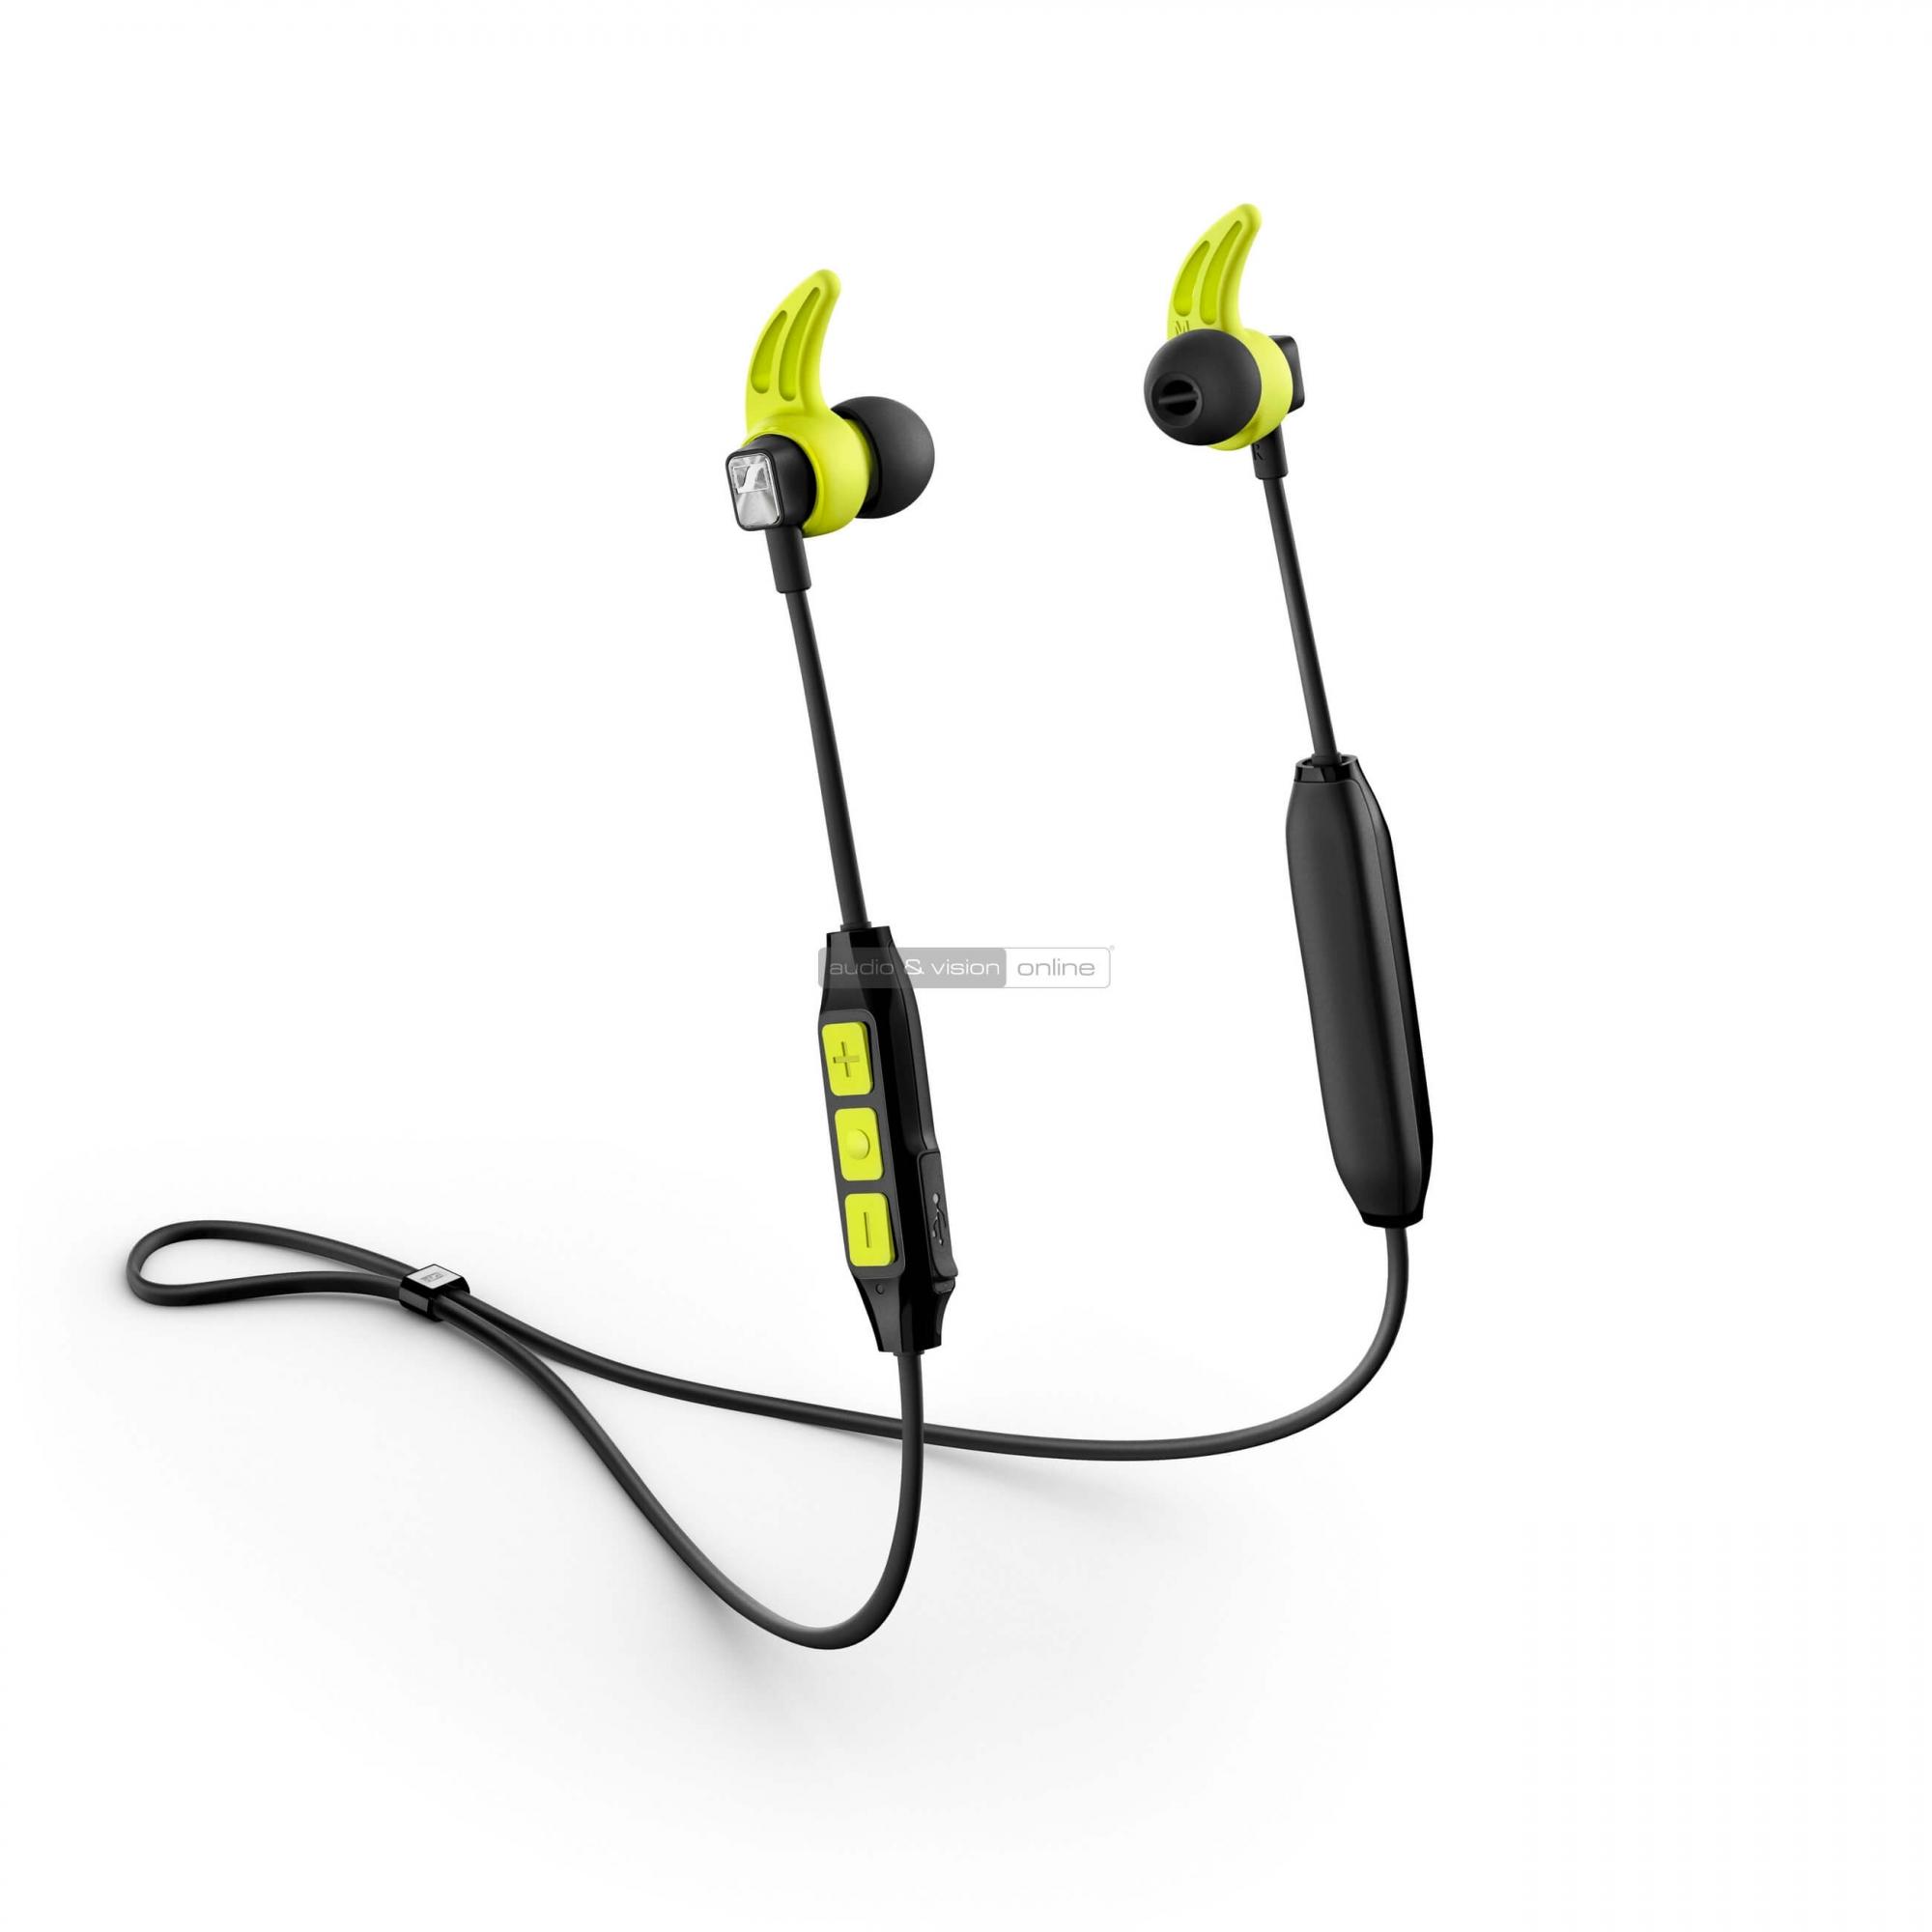 Sennheiser CX SPORT Bluetooth sportfülhallgató. Kattints ... 69aace0093